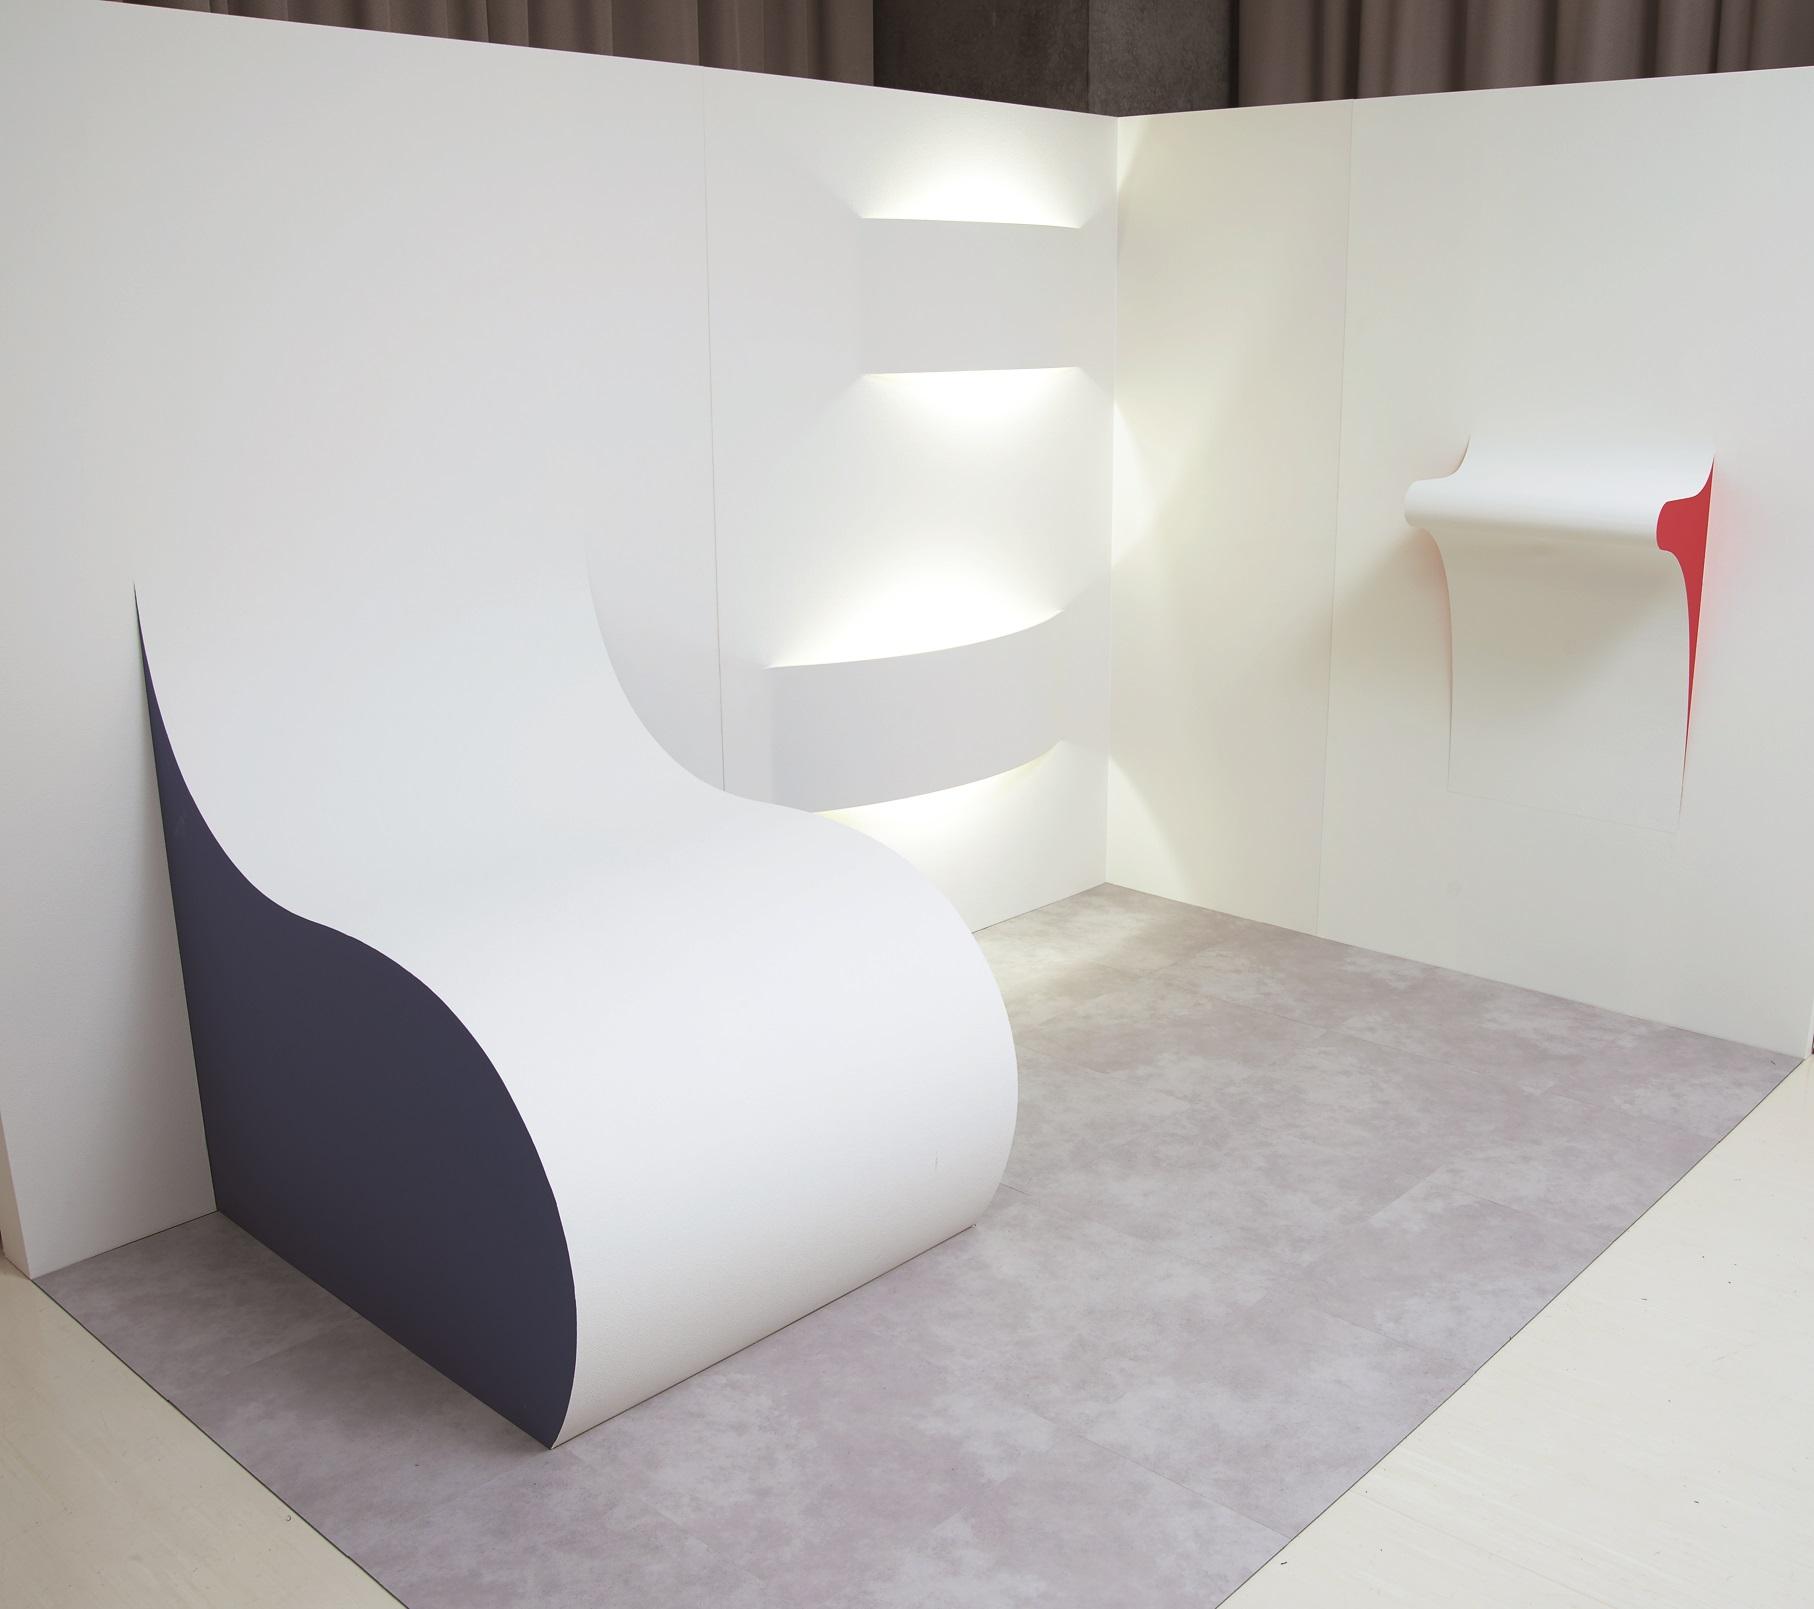 壁紙解放 壁紙から提案する新しい意匠のカタチ 2016年度 空間